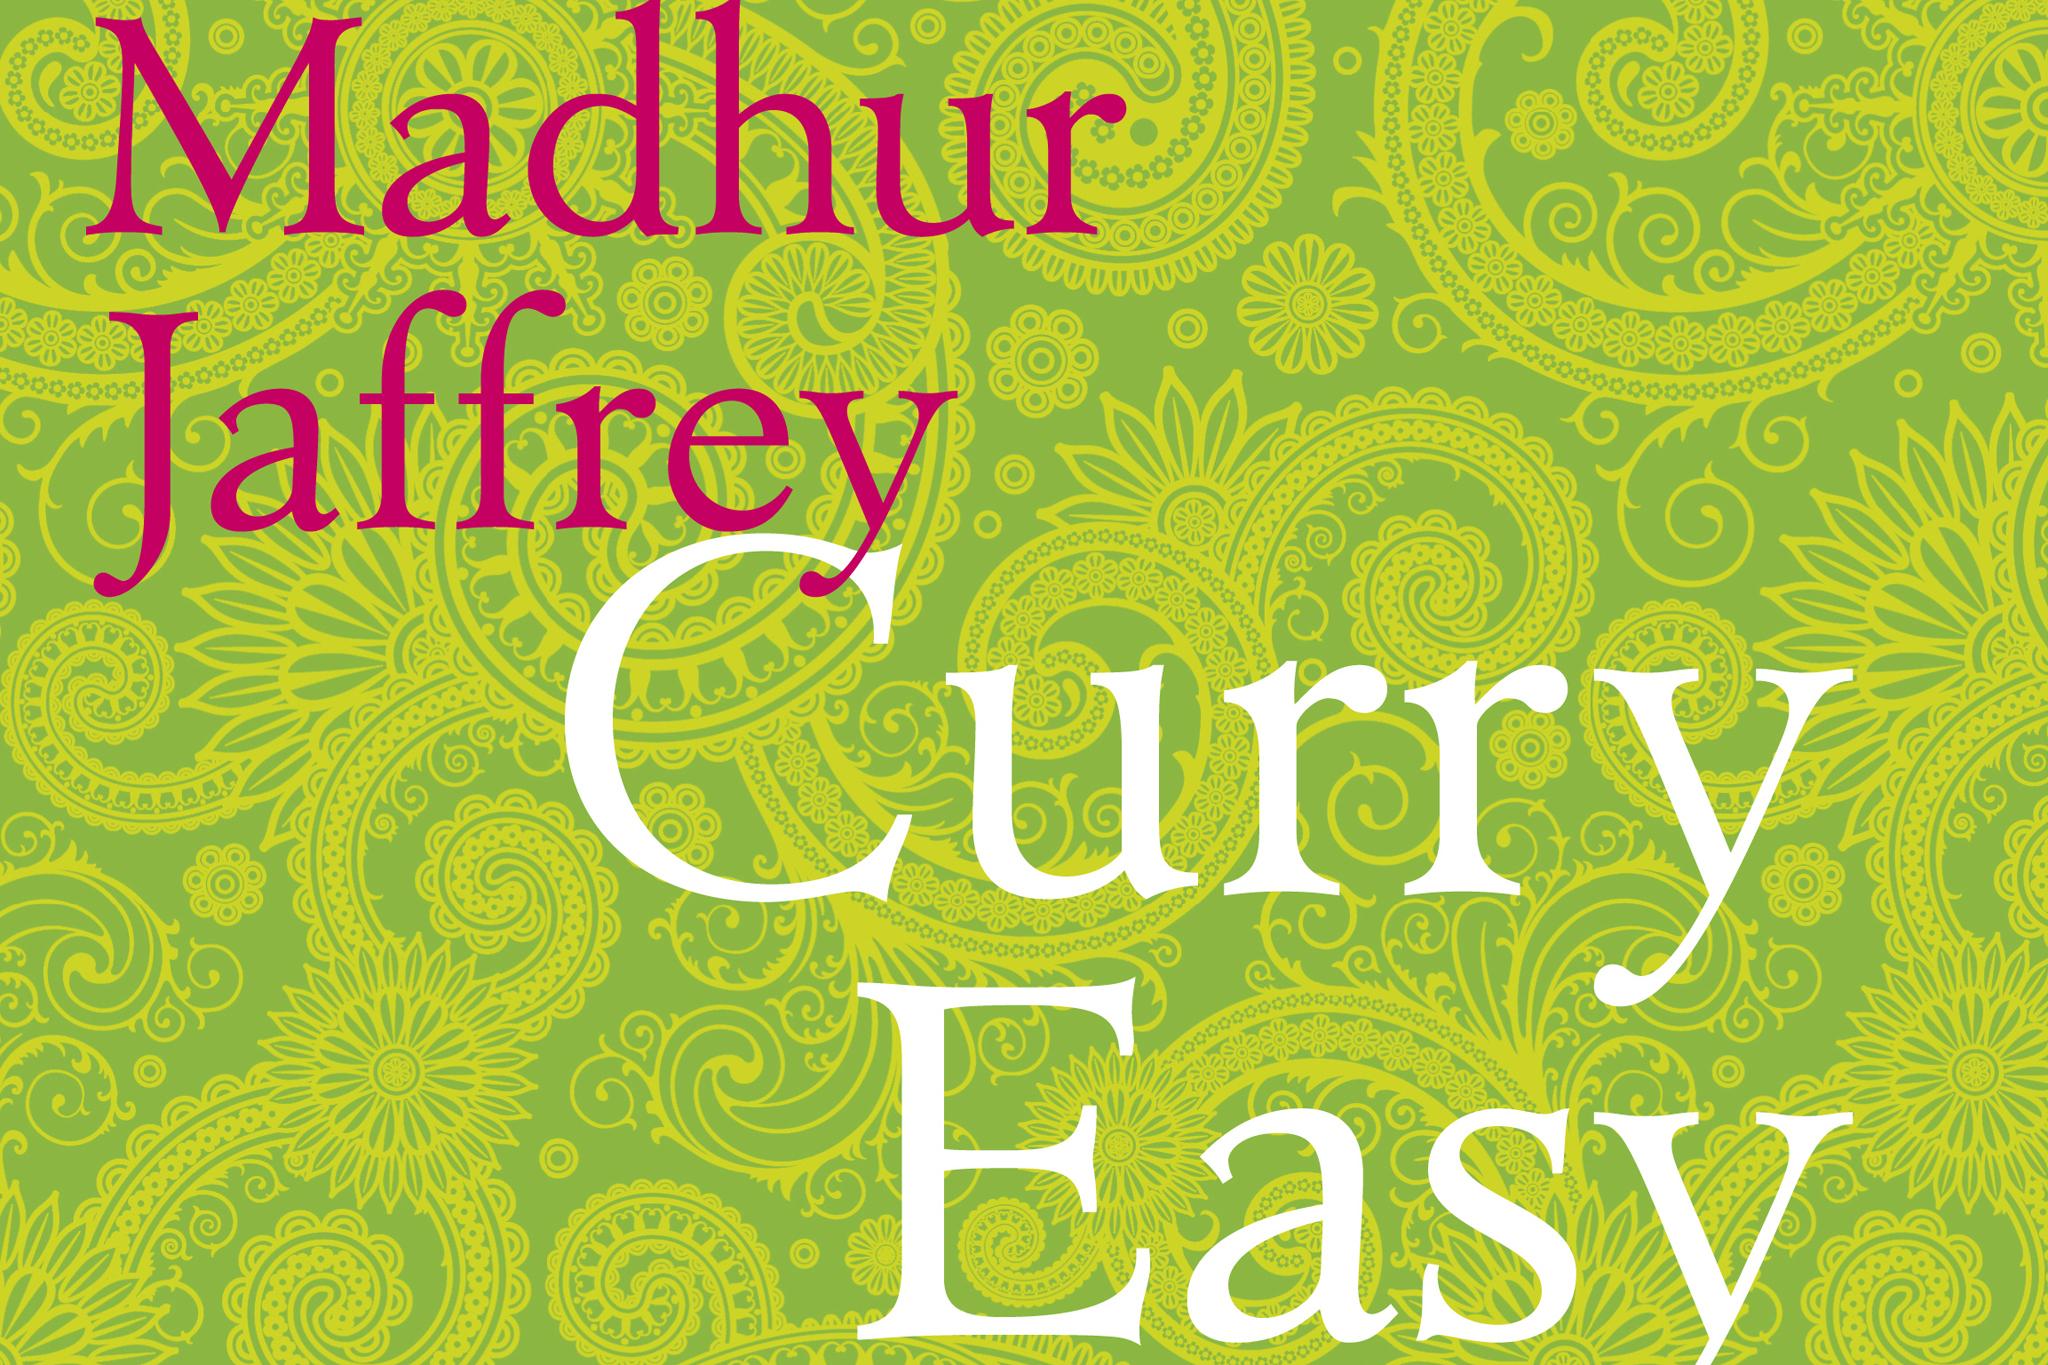 'Curry Easy Vegetarian' by Madhur Jaffrey